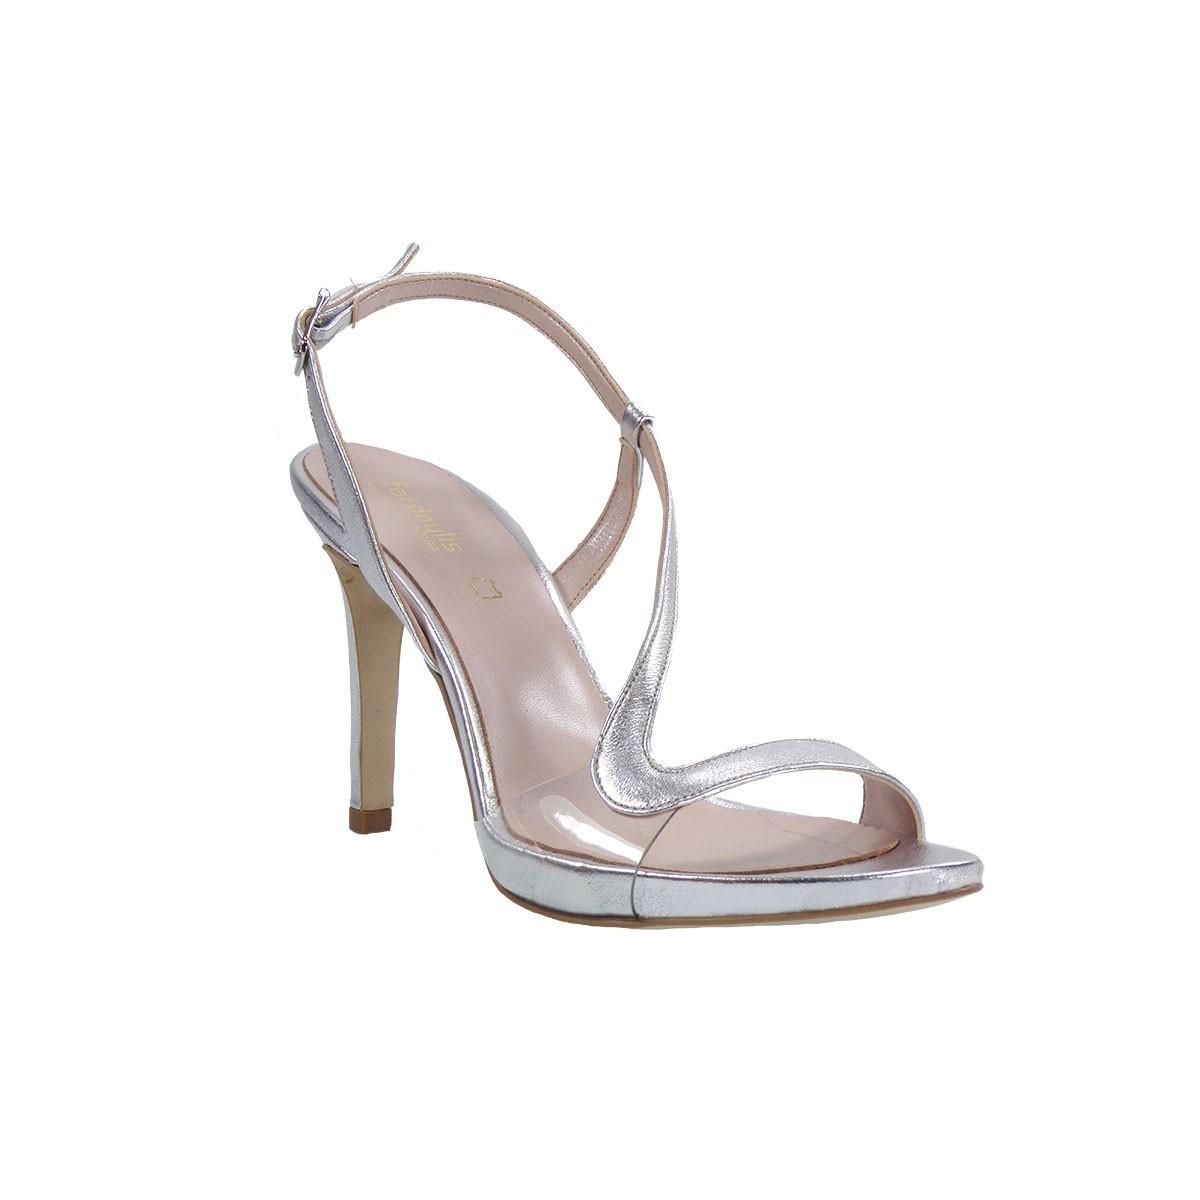 Fardoulis shoes Γυναικεία Πέδιλα 8053 Ασημί Δέρμα